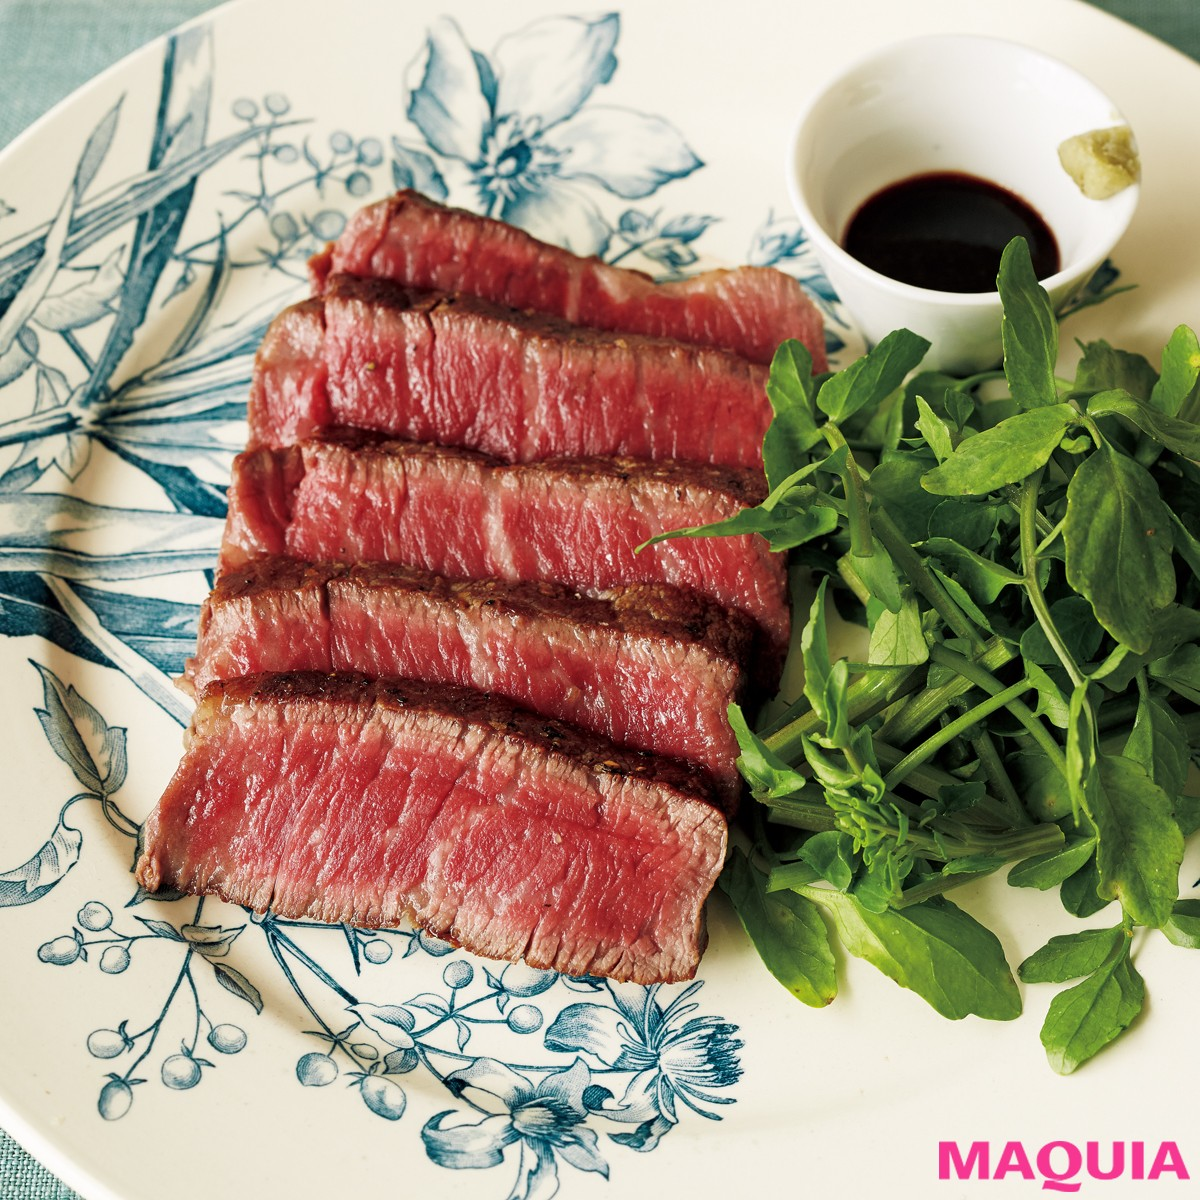 夏といえば、肉でしょ! 食べながら語りたい【肉の雑学】と 【絶品肉メニュー】